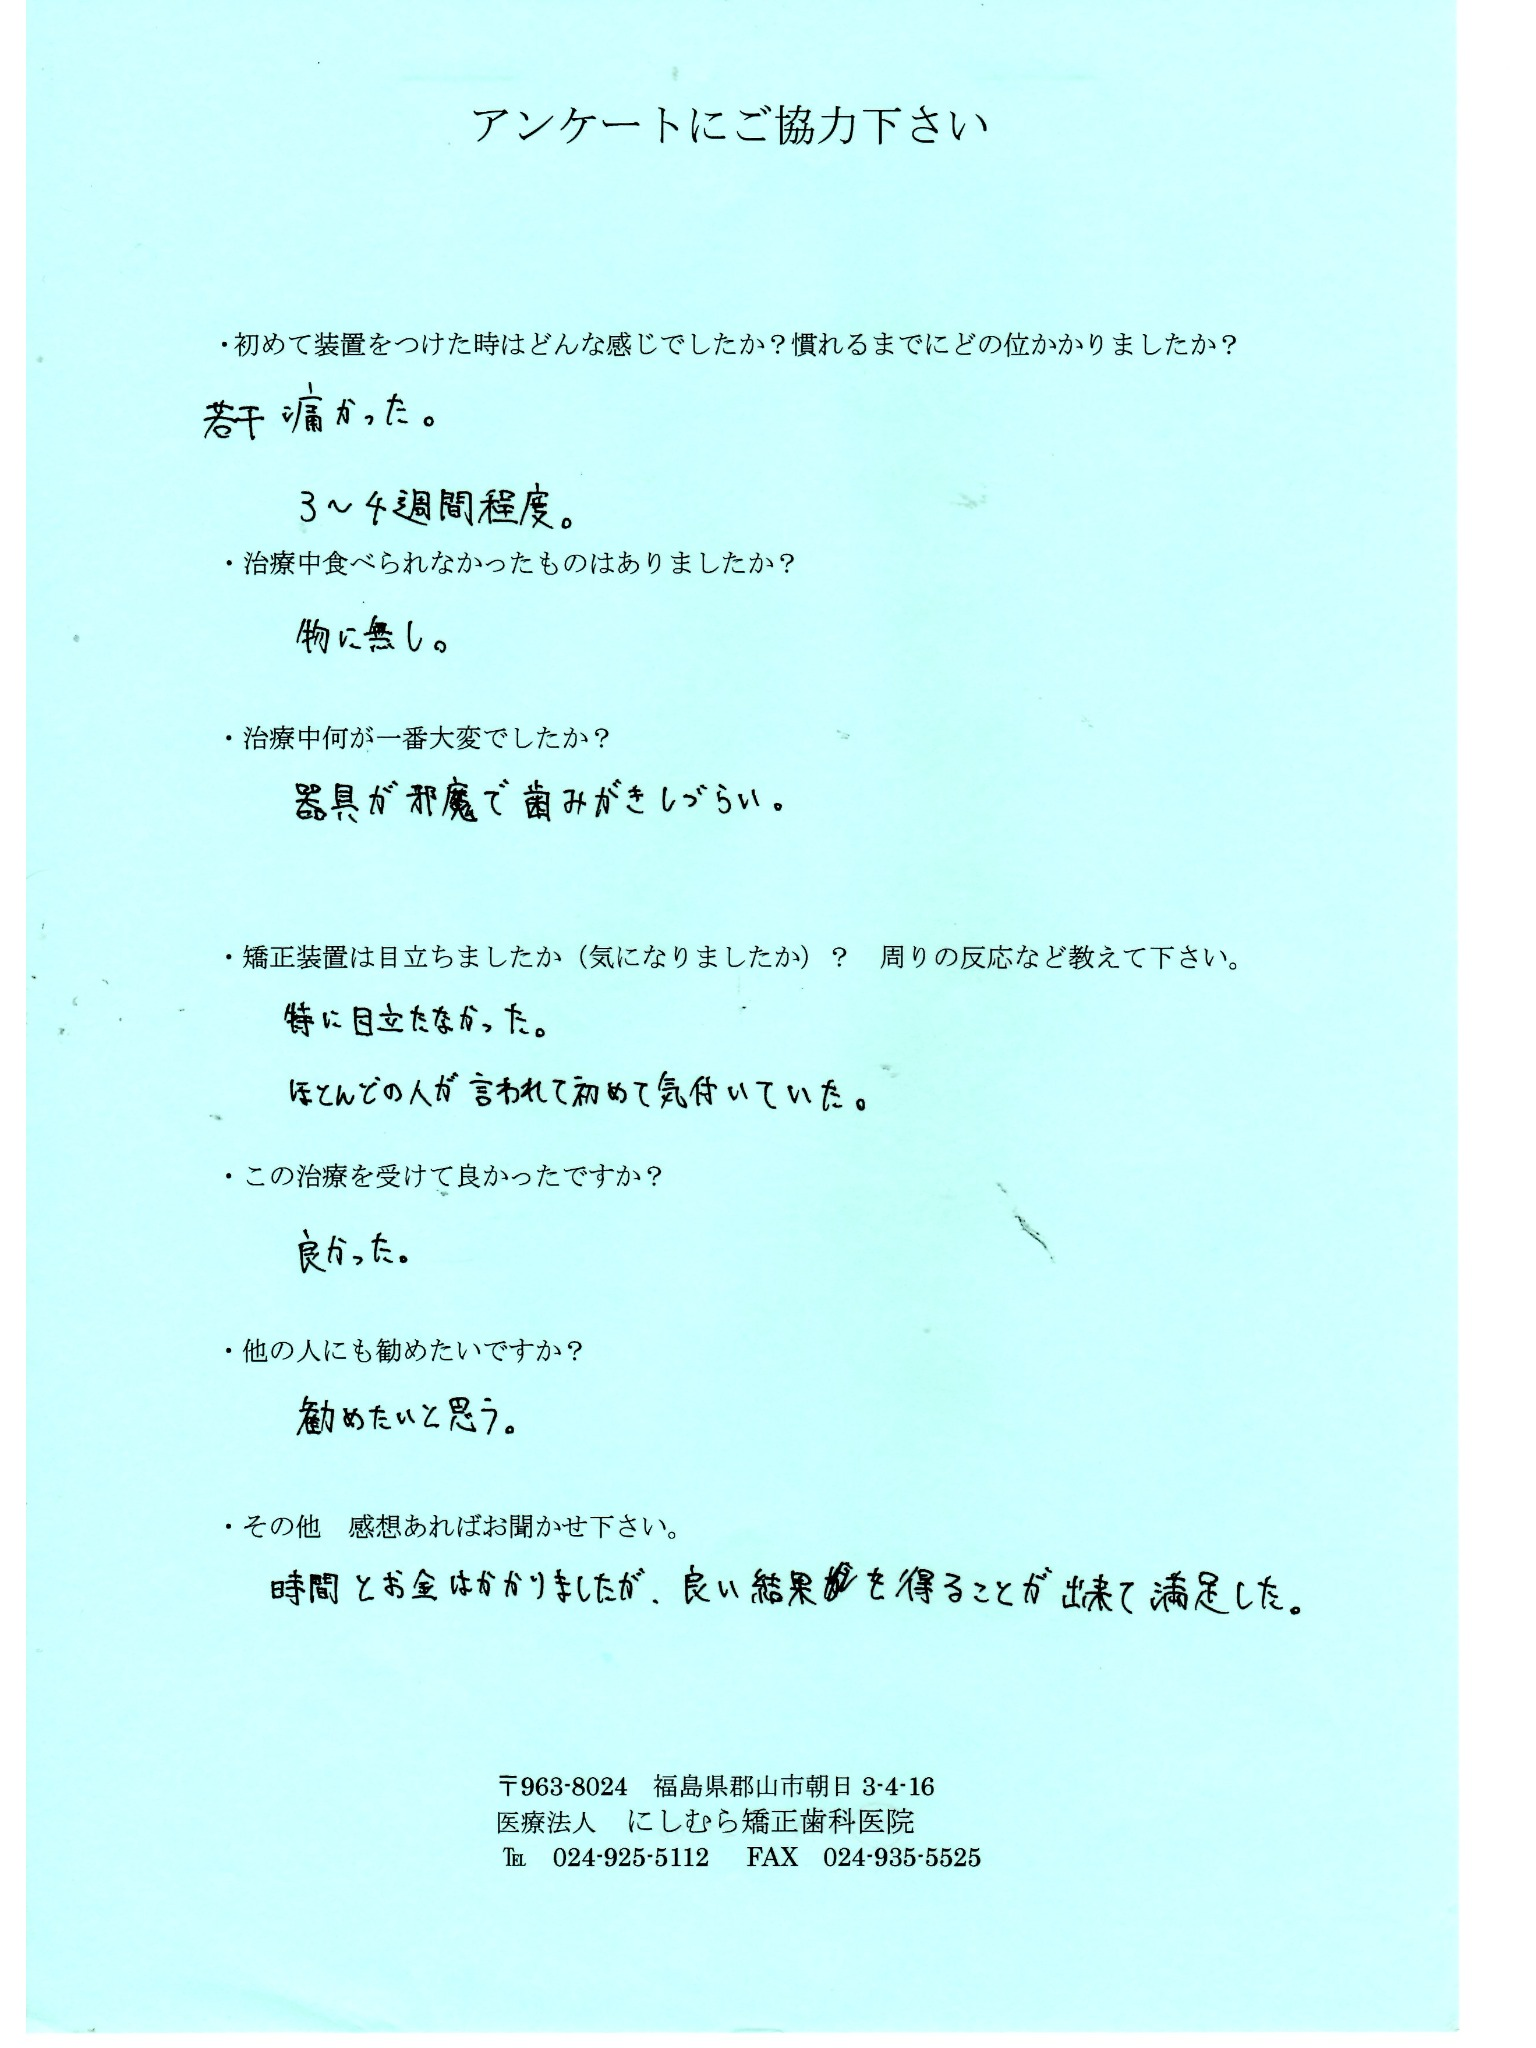 10代 患者様アンケート136